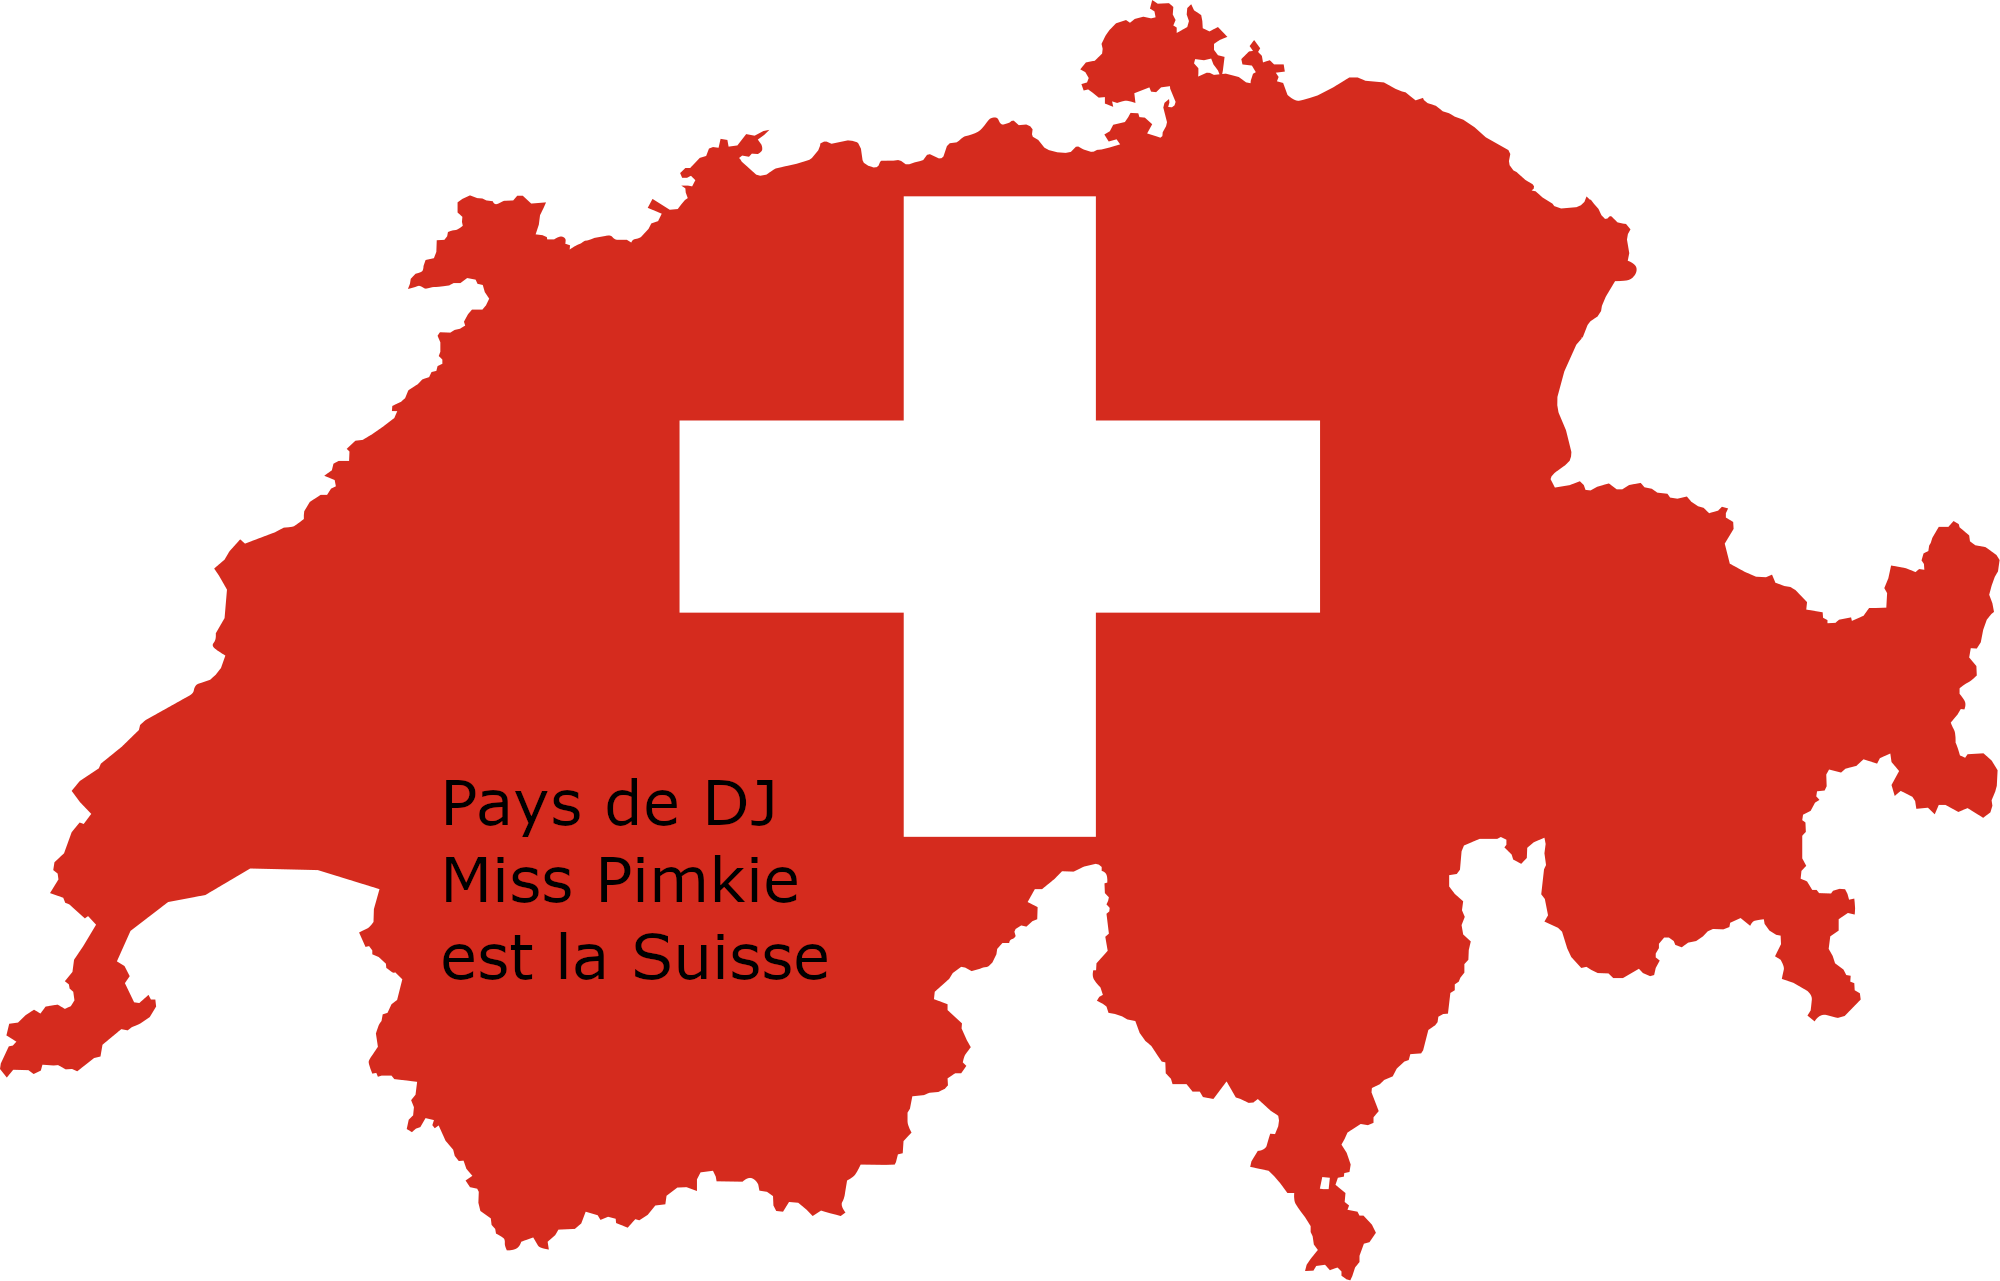 la suisse est le nouveau pays de DJ Miss Pimkie